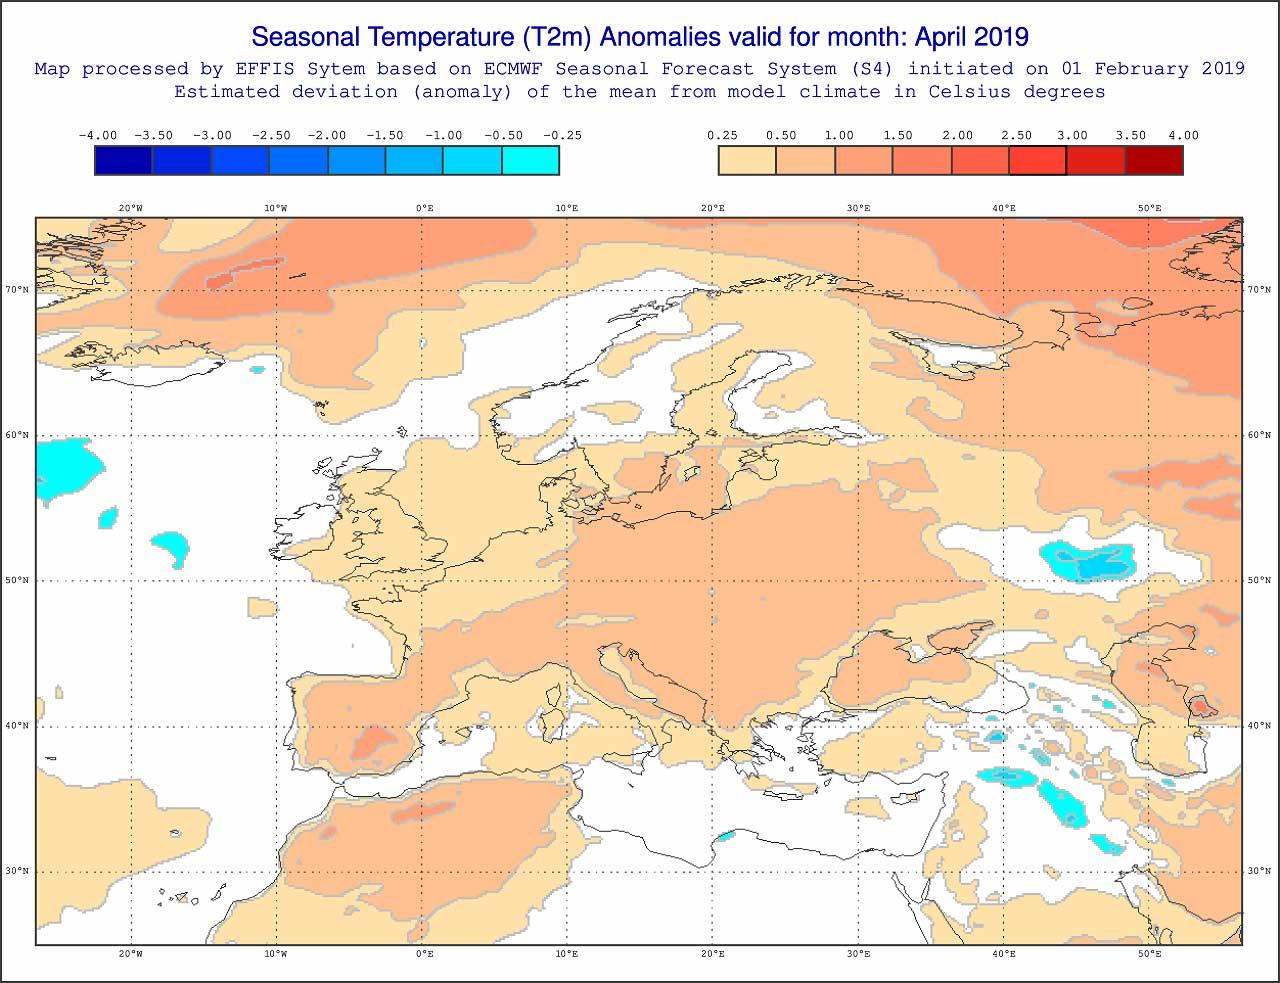 Anomalie di temperatura previste dal modello ECMWF per aprile 2019 - effis.jrc.ec.europa.eu